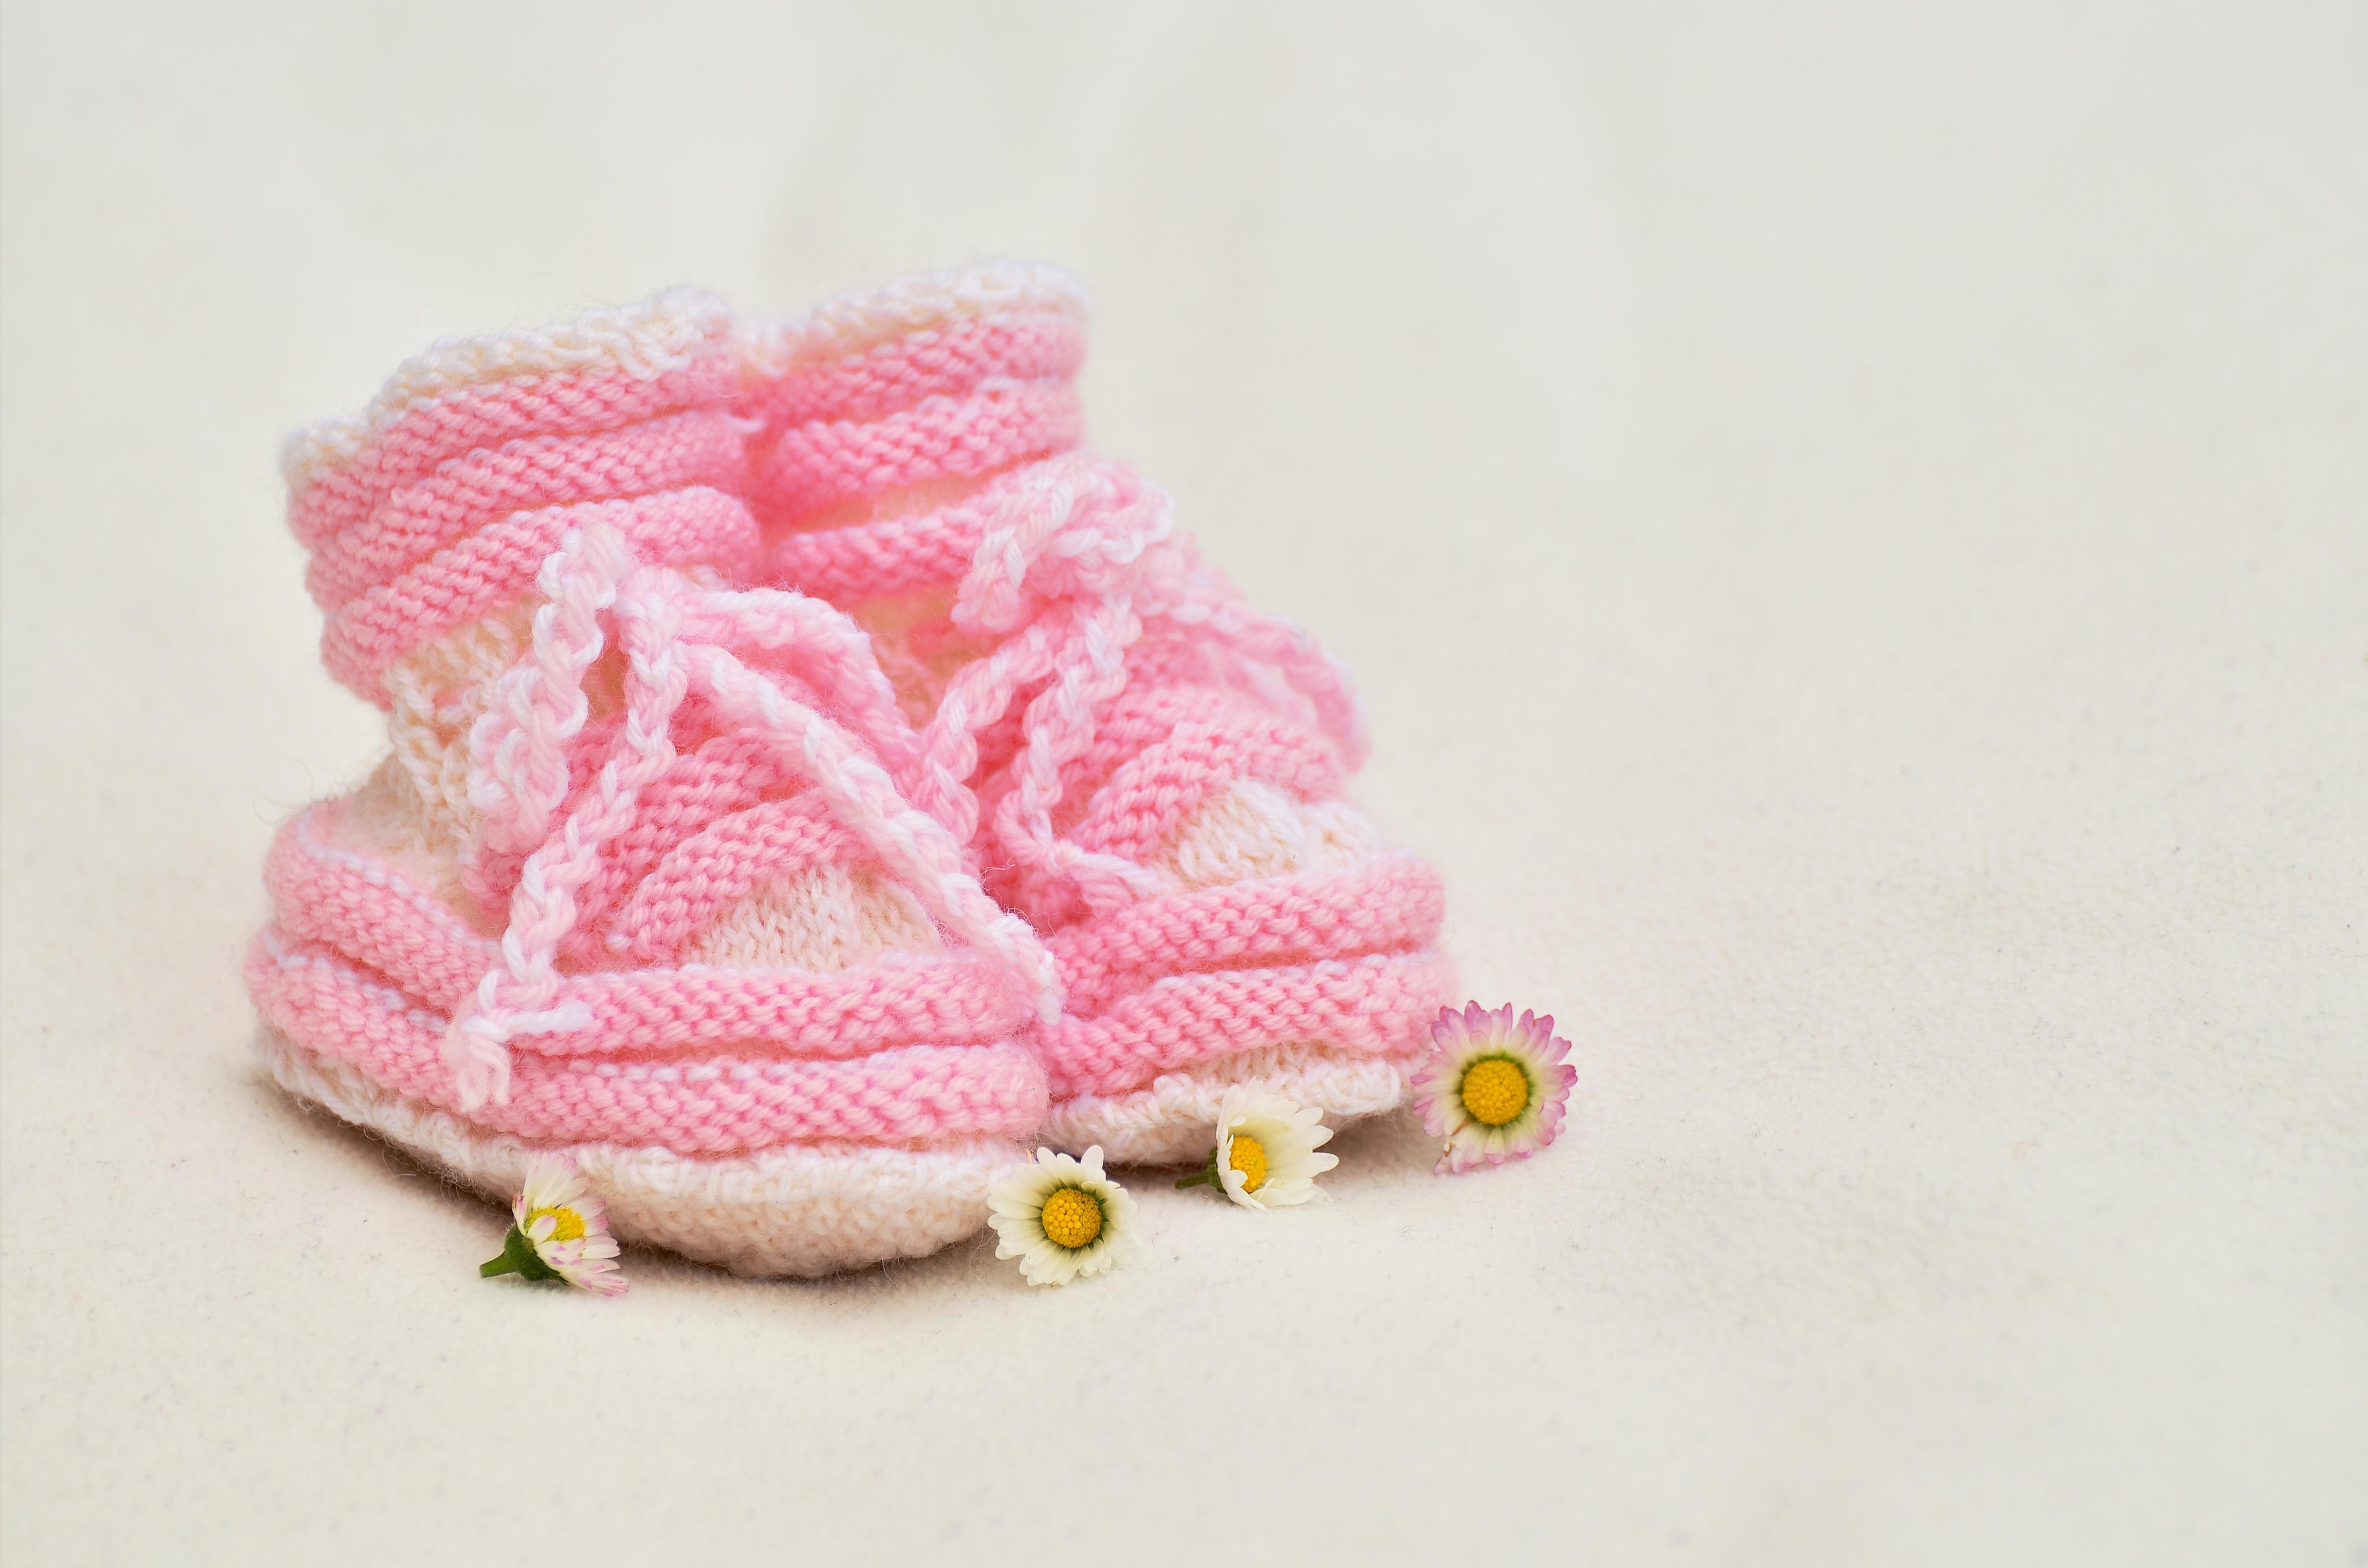 Fotos gratis : niña, pétalo, regalo, patrón, ropa, tejer, rosado ...